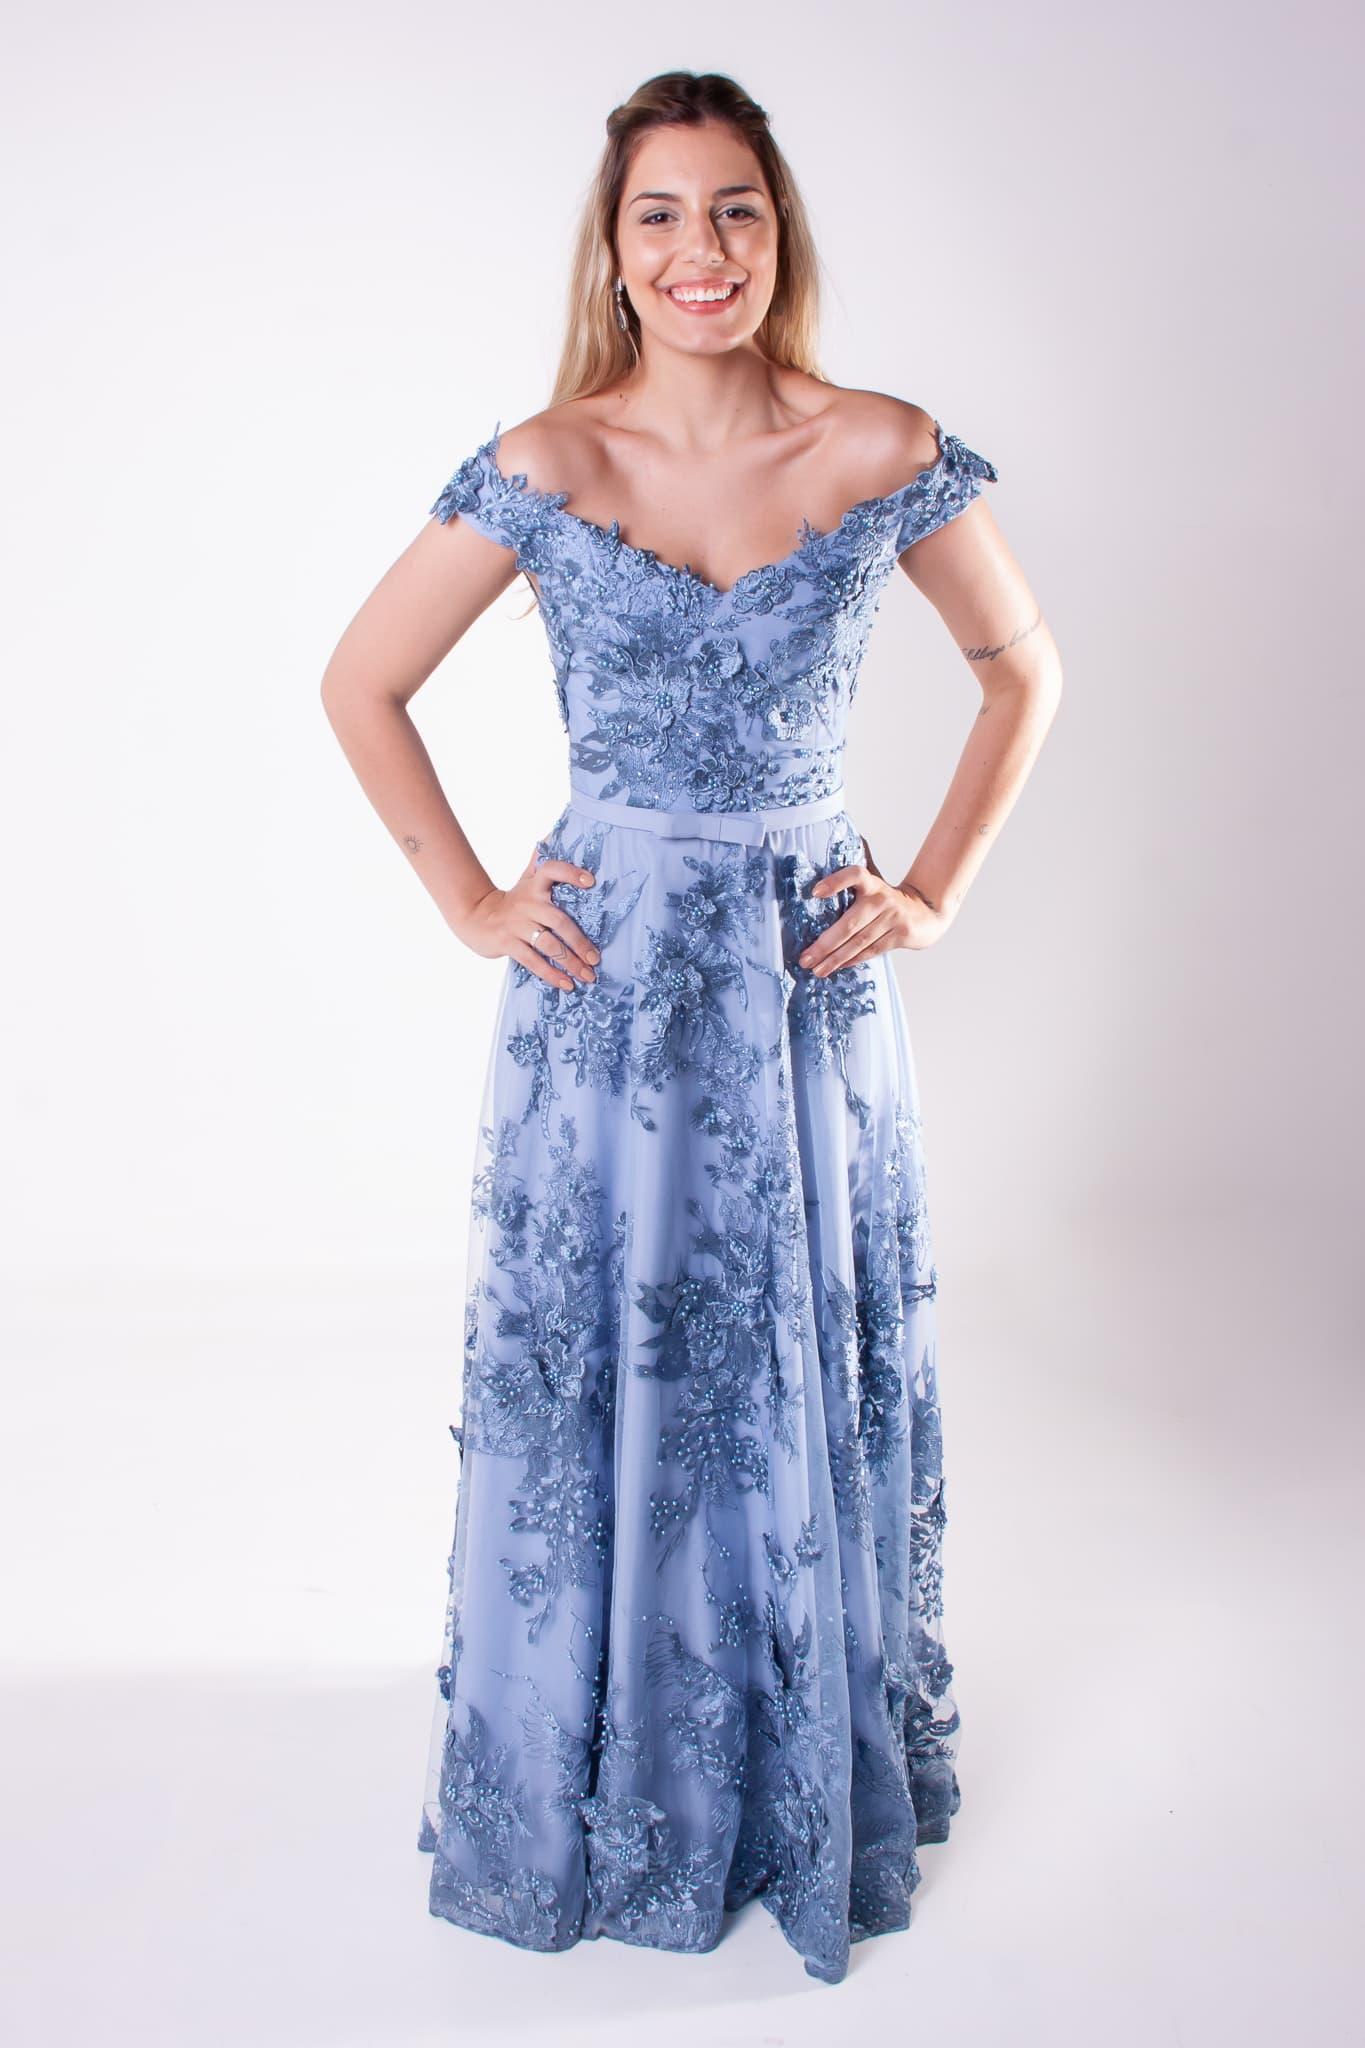 44 - Vestido azul serenity ombro a ombro de renda